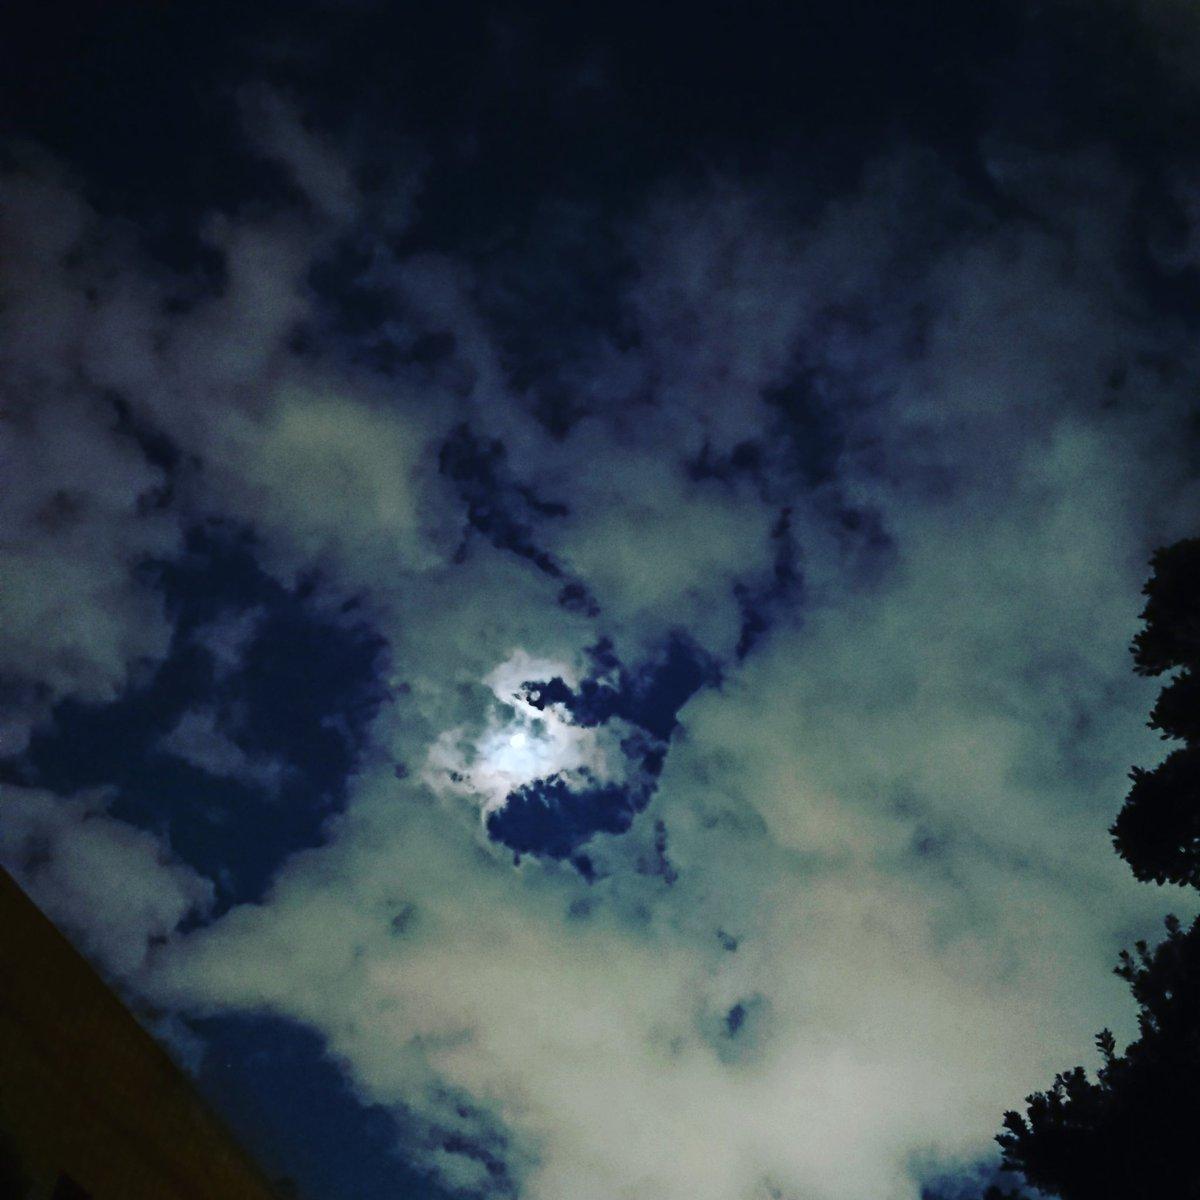 雲間。 #風景 #風景が好き #風景写真 #風景撮影 #風景撮影が好き #風景写真が好き #風景写真好き #写真好きな人と繋がりたい https://t.co/Ytxda4gIpy